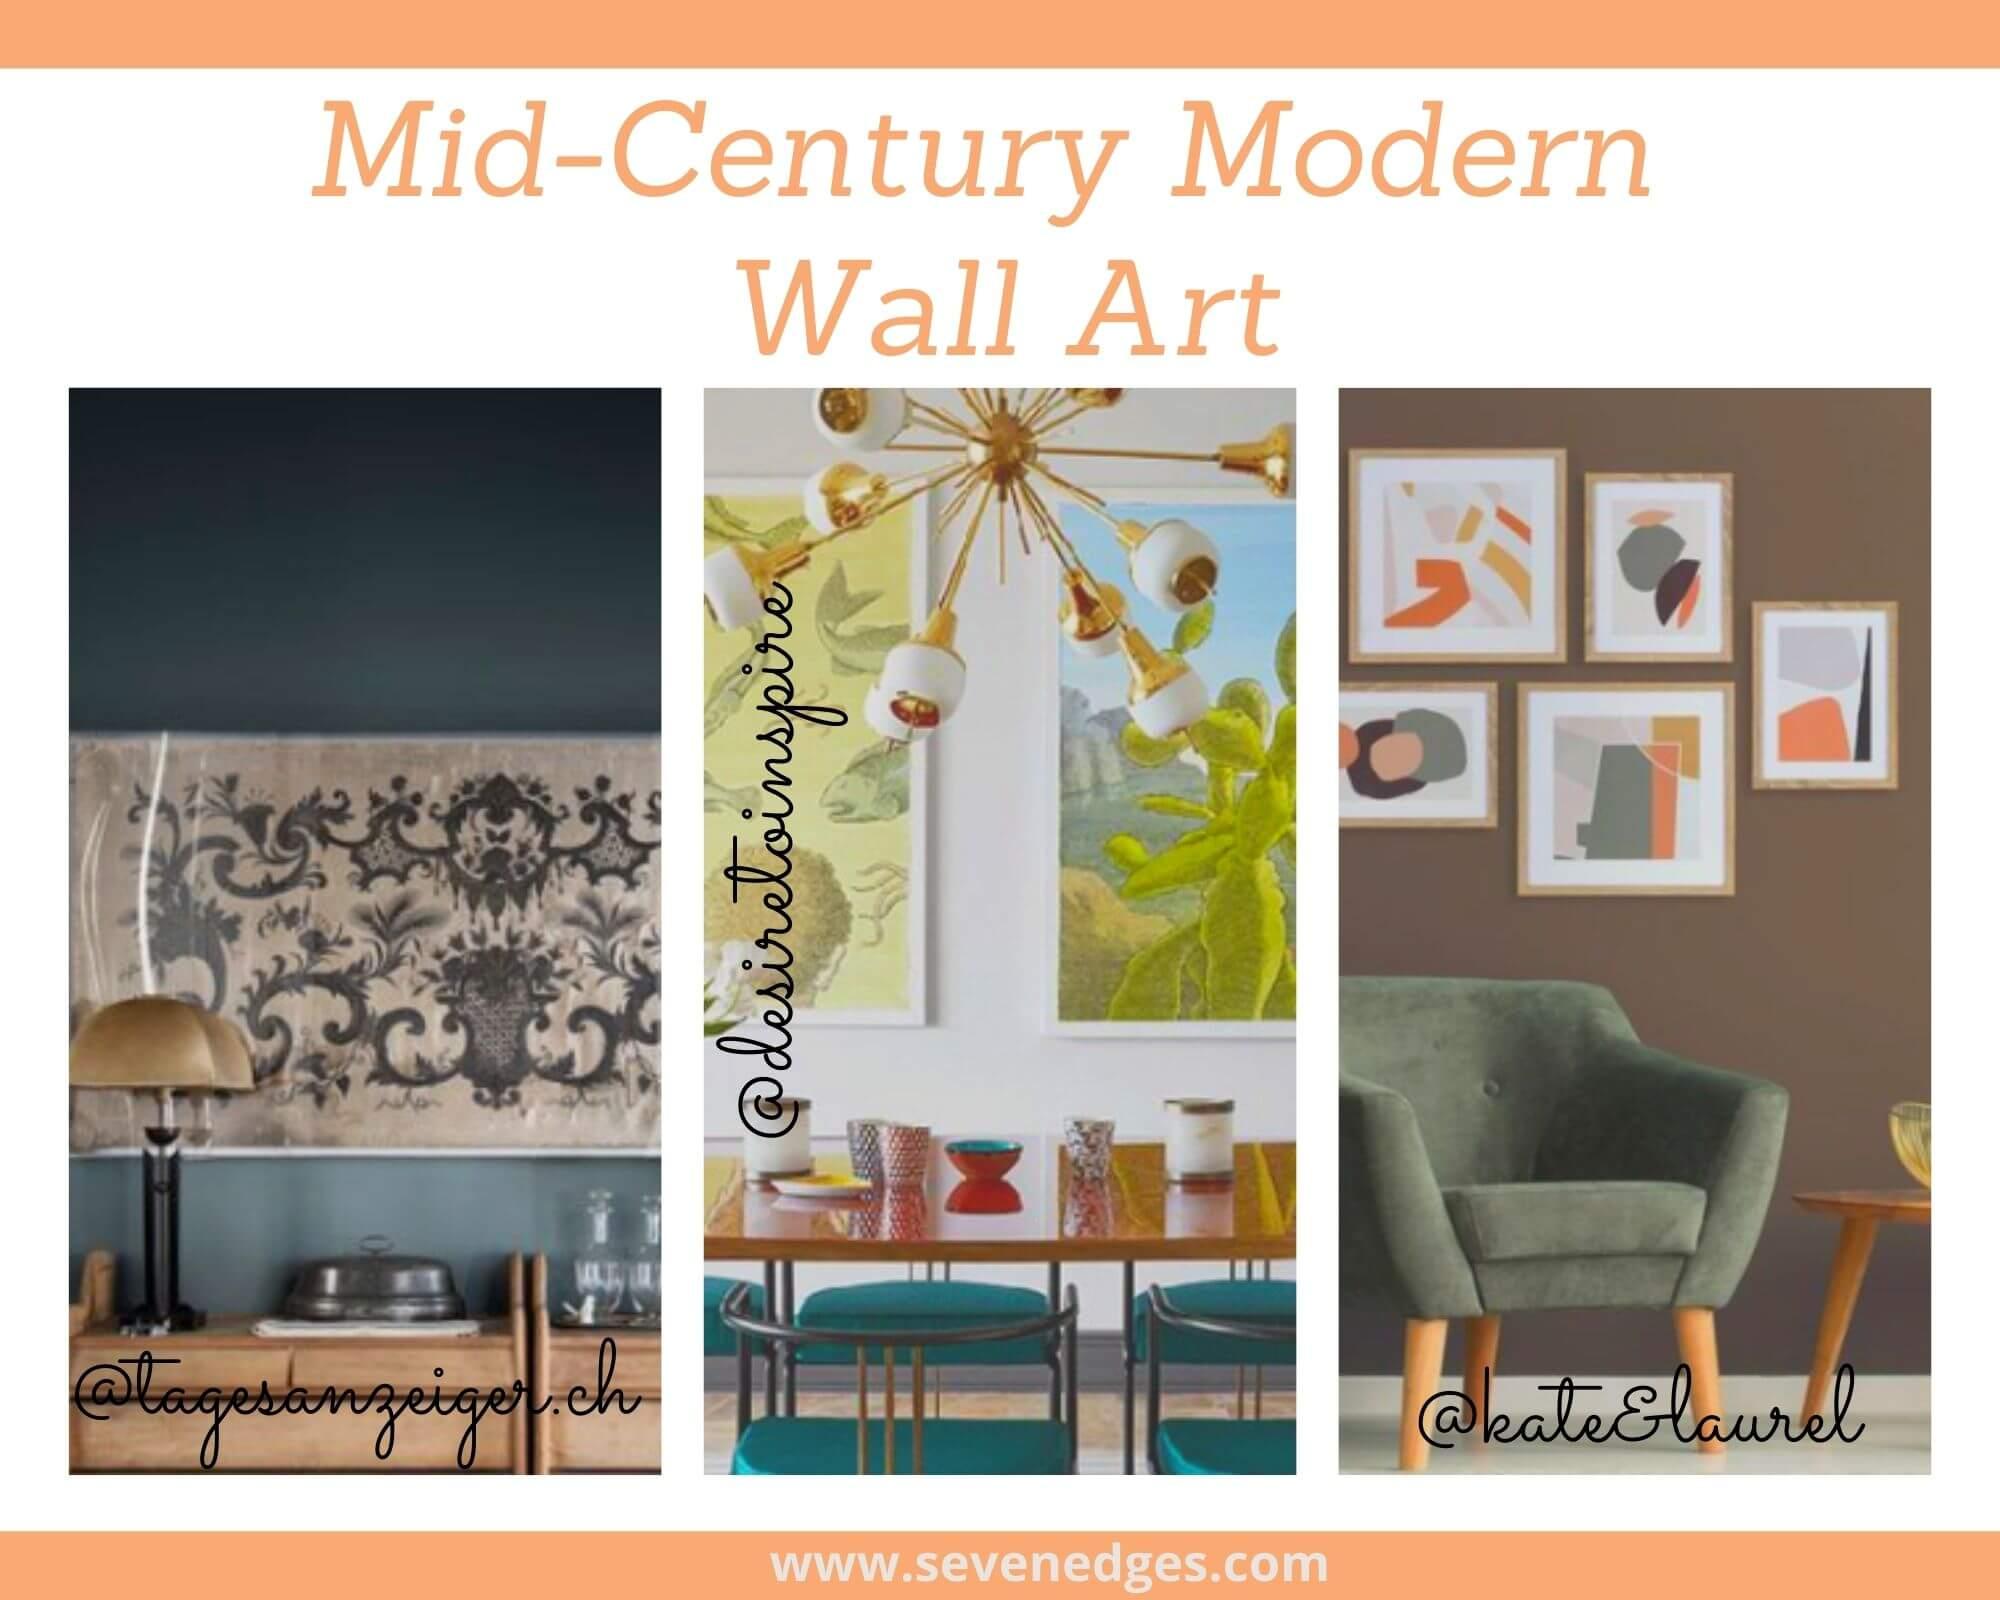 mid-century modern Wall Art